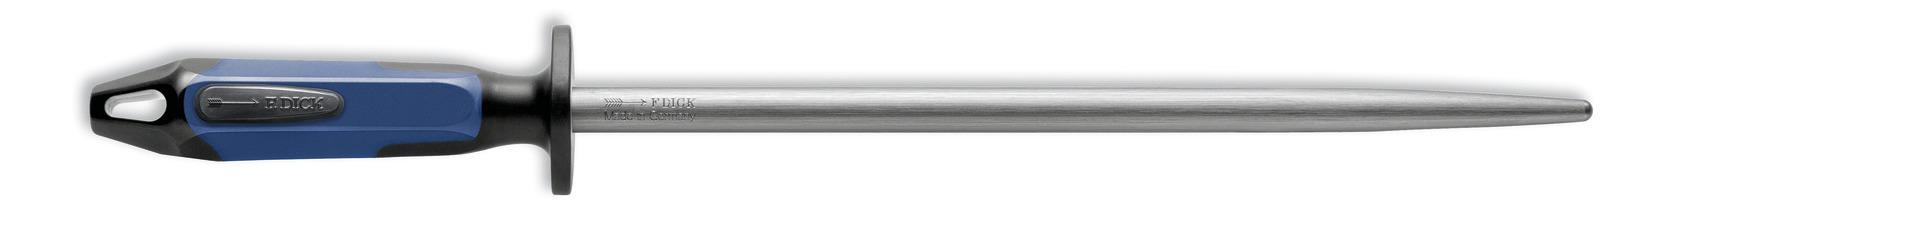 Fleischerwetzstahl rund Klingenlänge 300 mm Standardzug / blauer Griff